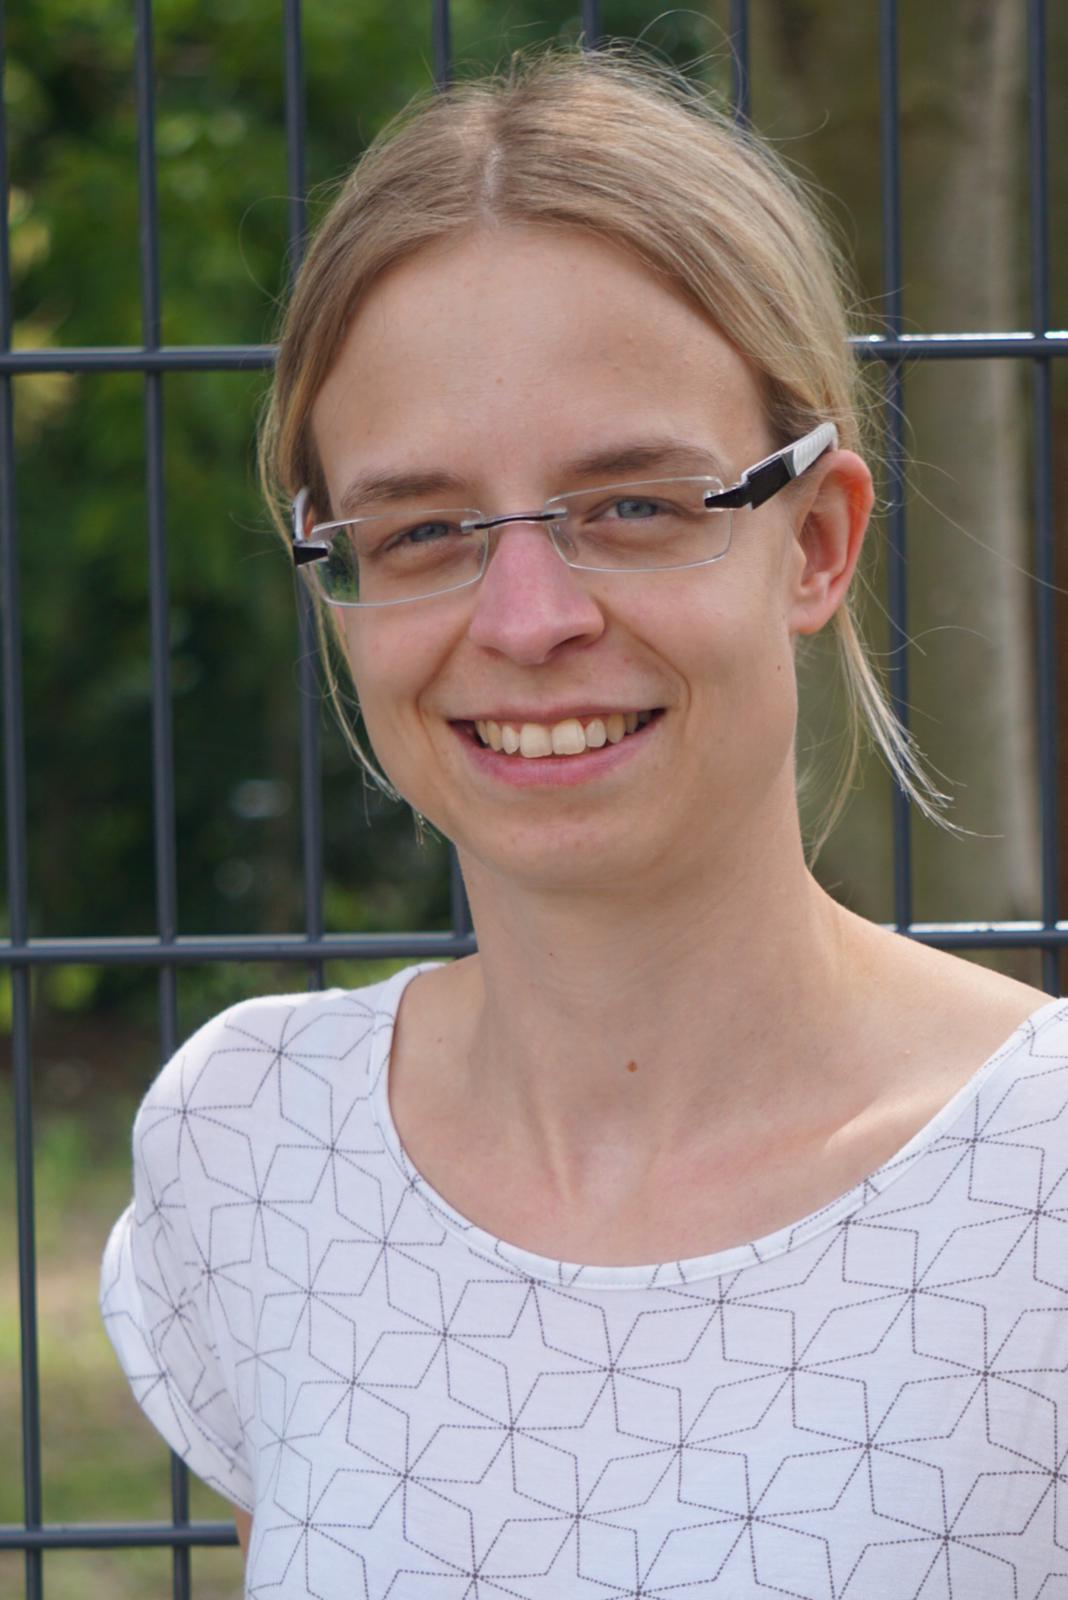 Julia Jakoby